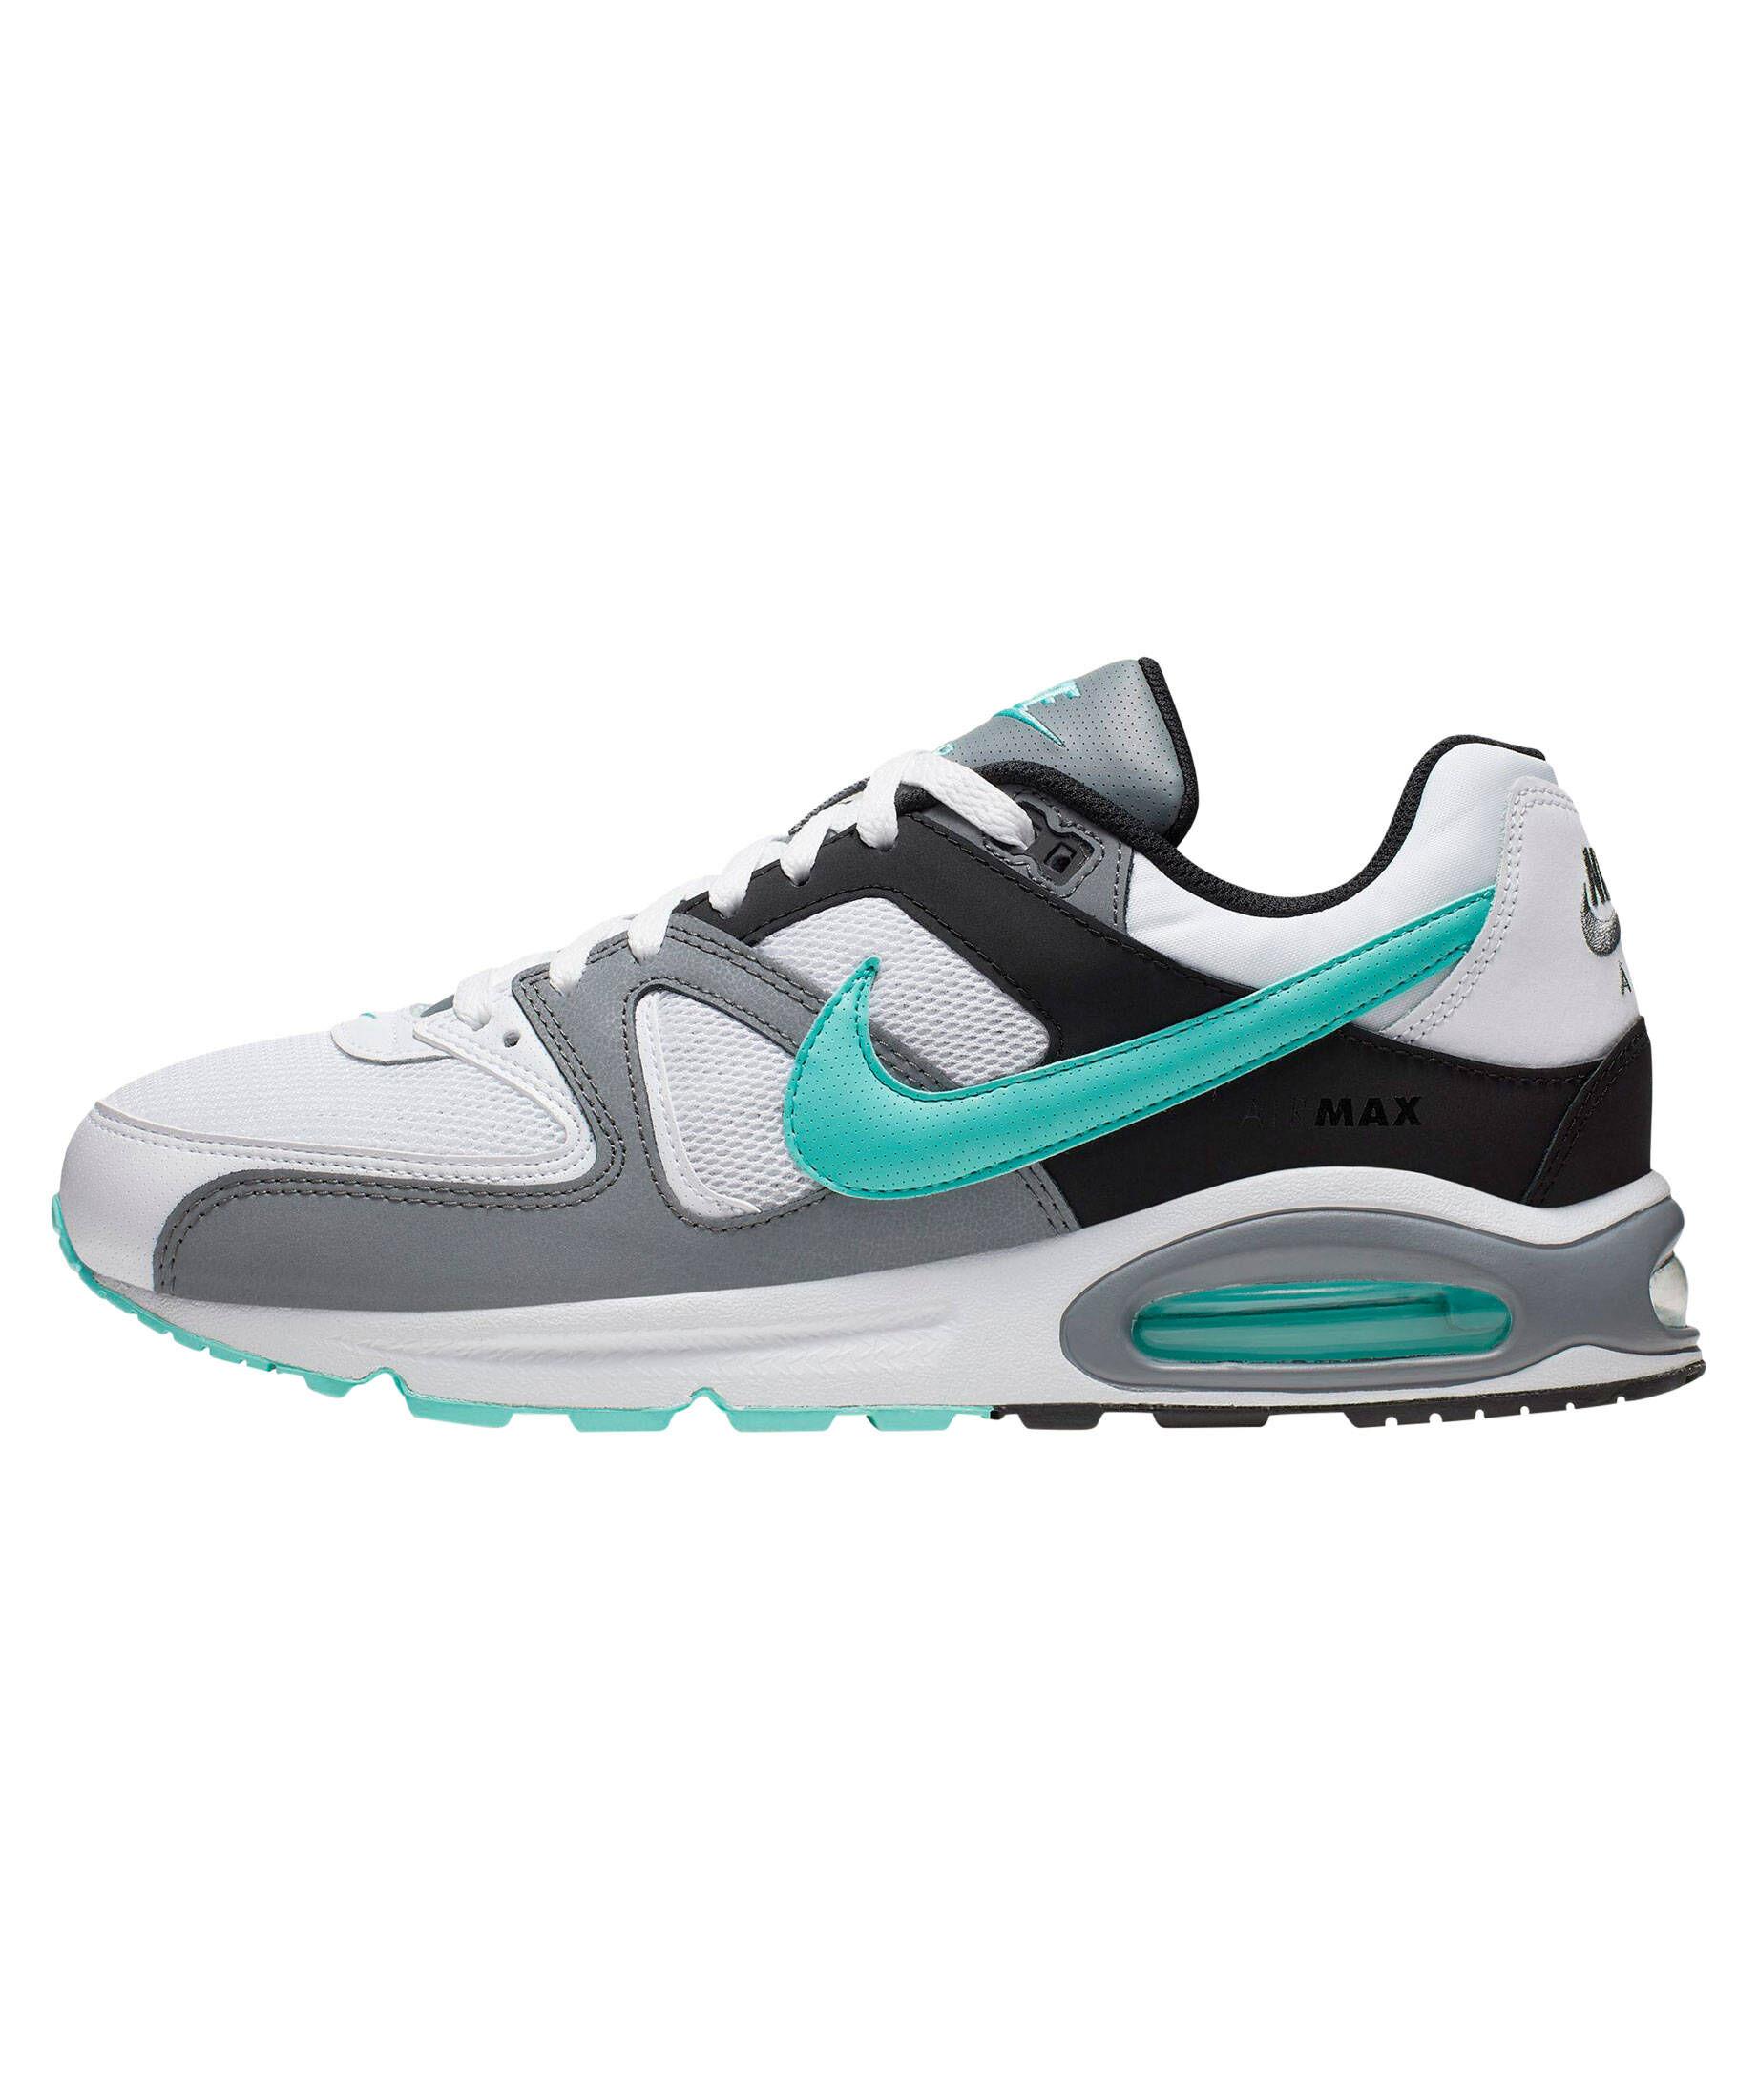 Otto Nike Schuhe Herren 2019